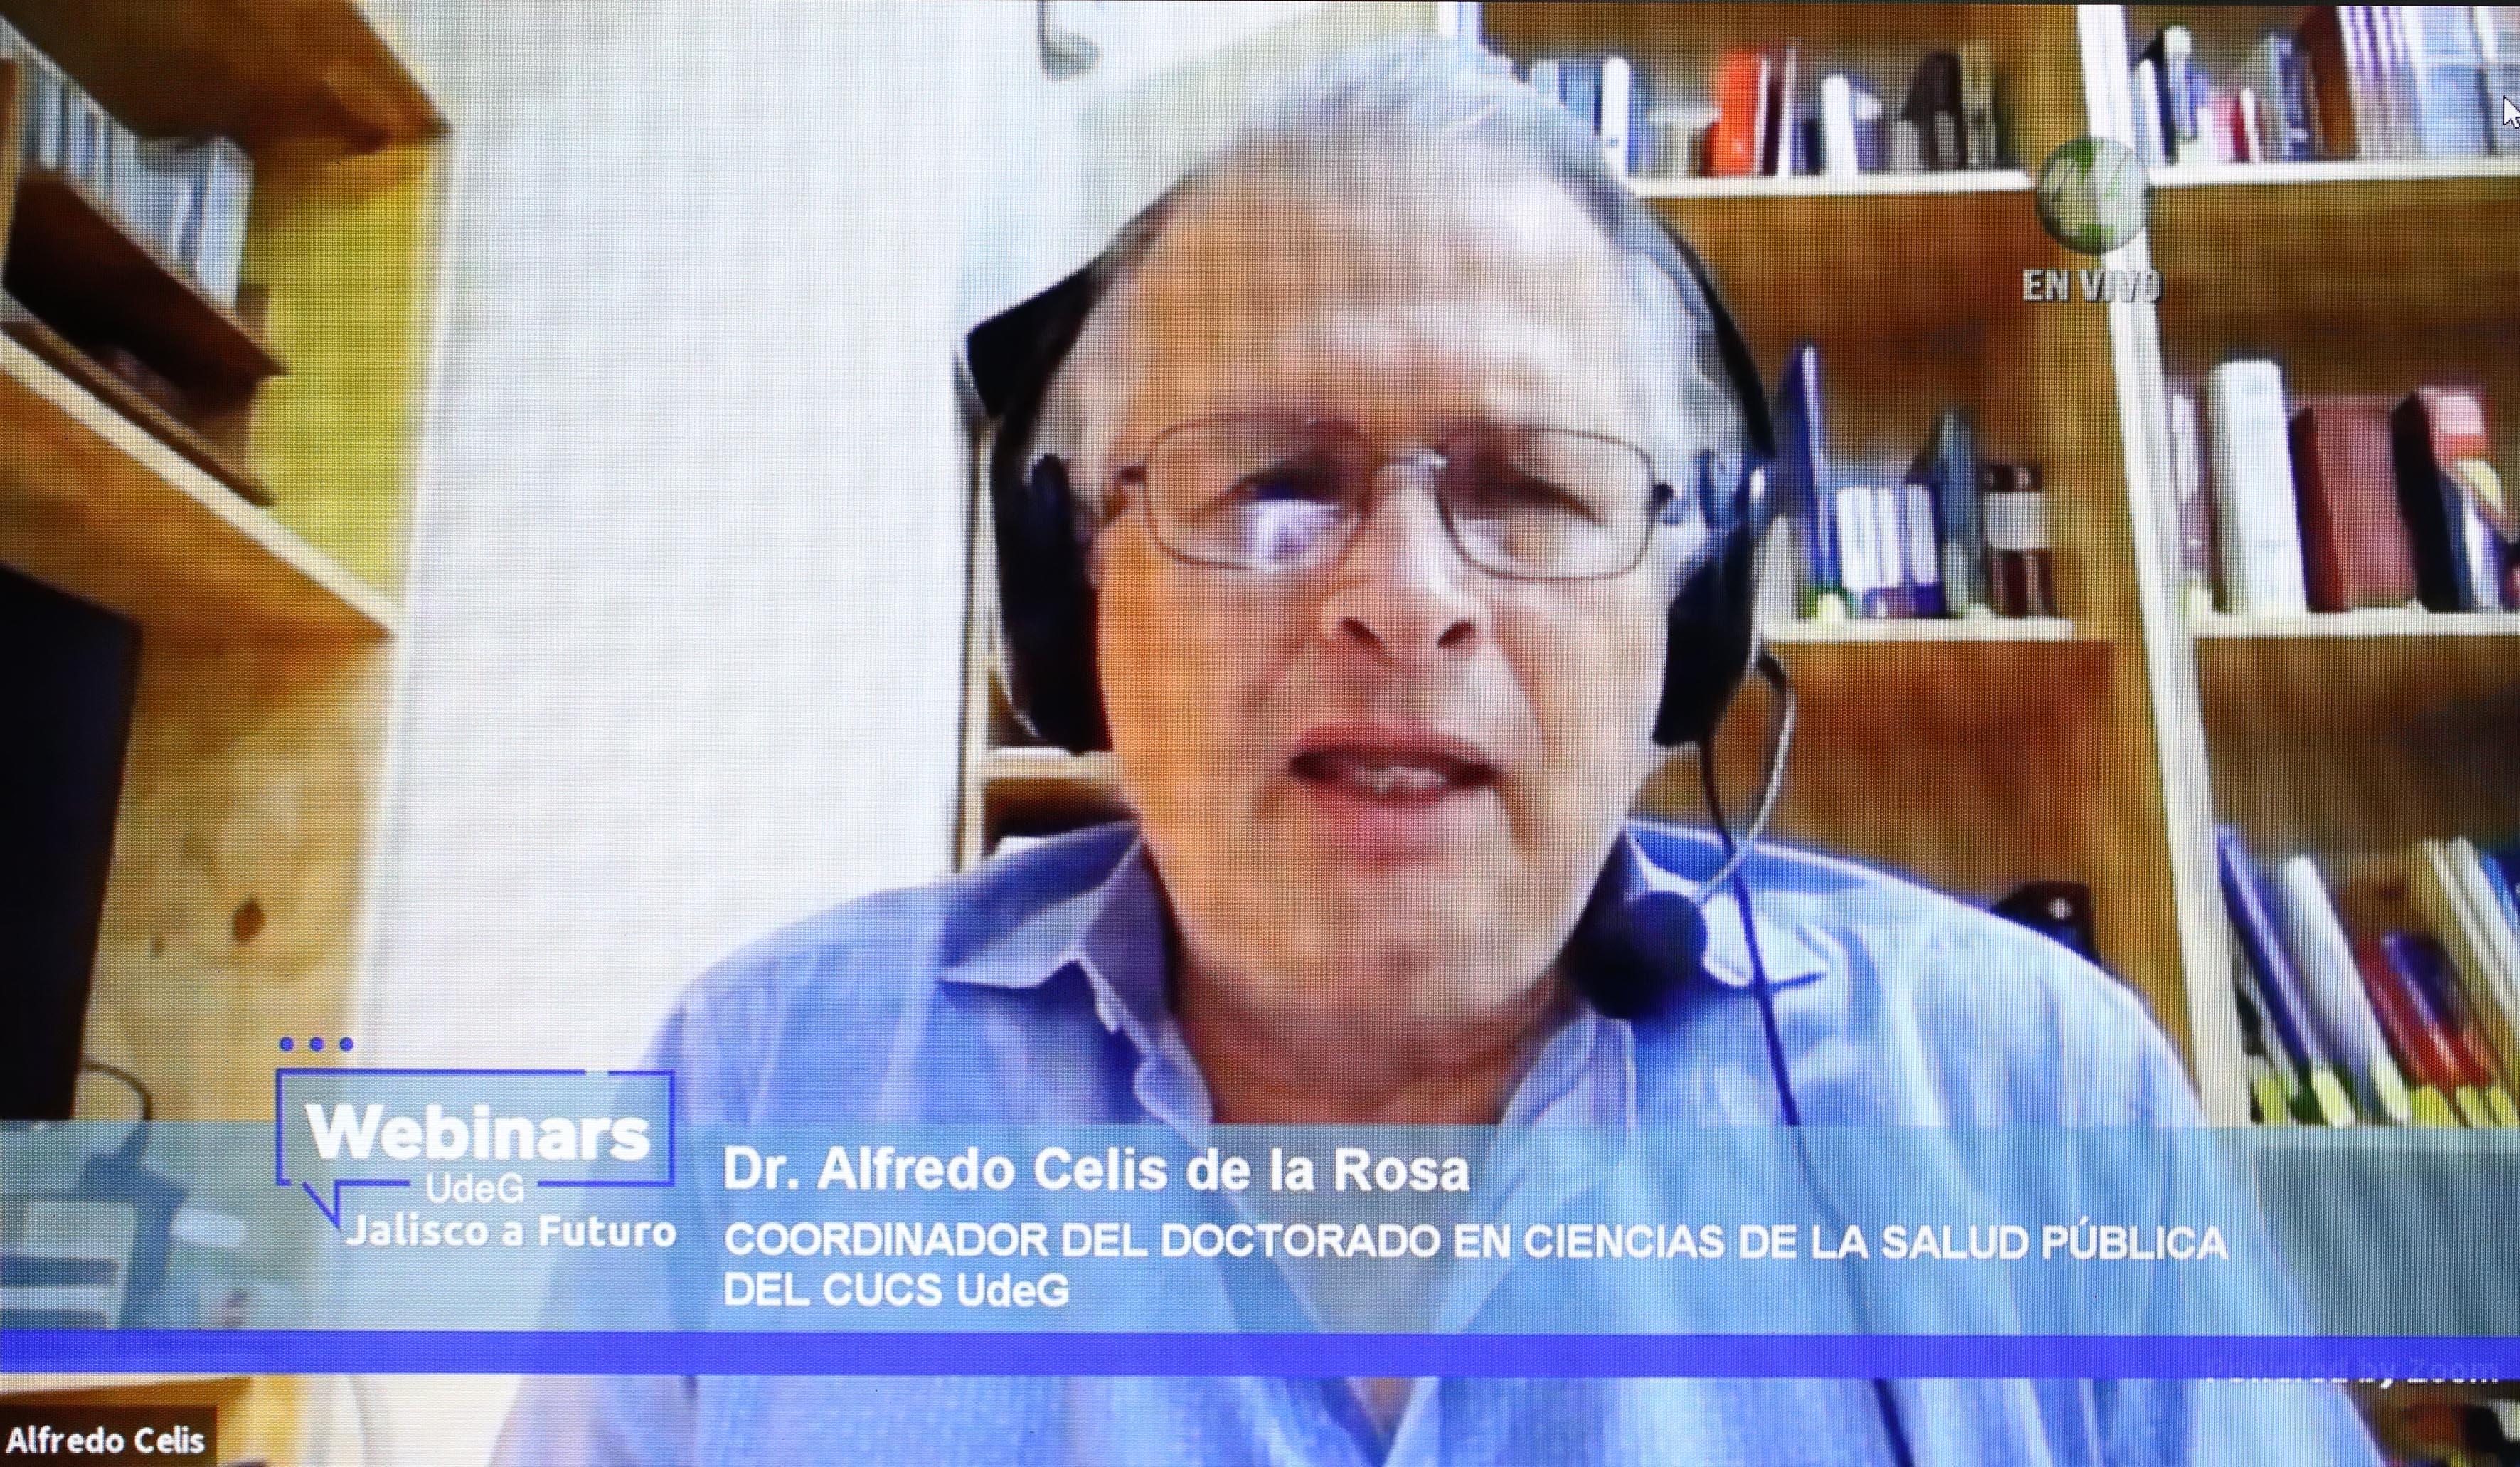 Dr. Alfredo Celis de la Rosa, directivo del CUCS participantes en el Webinar